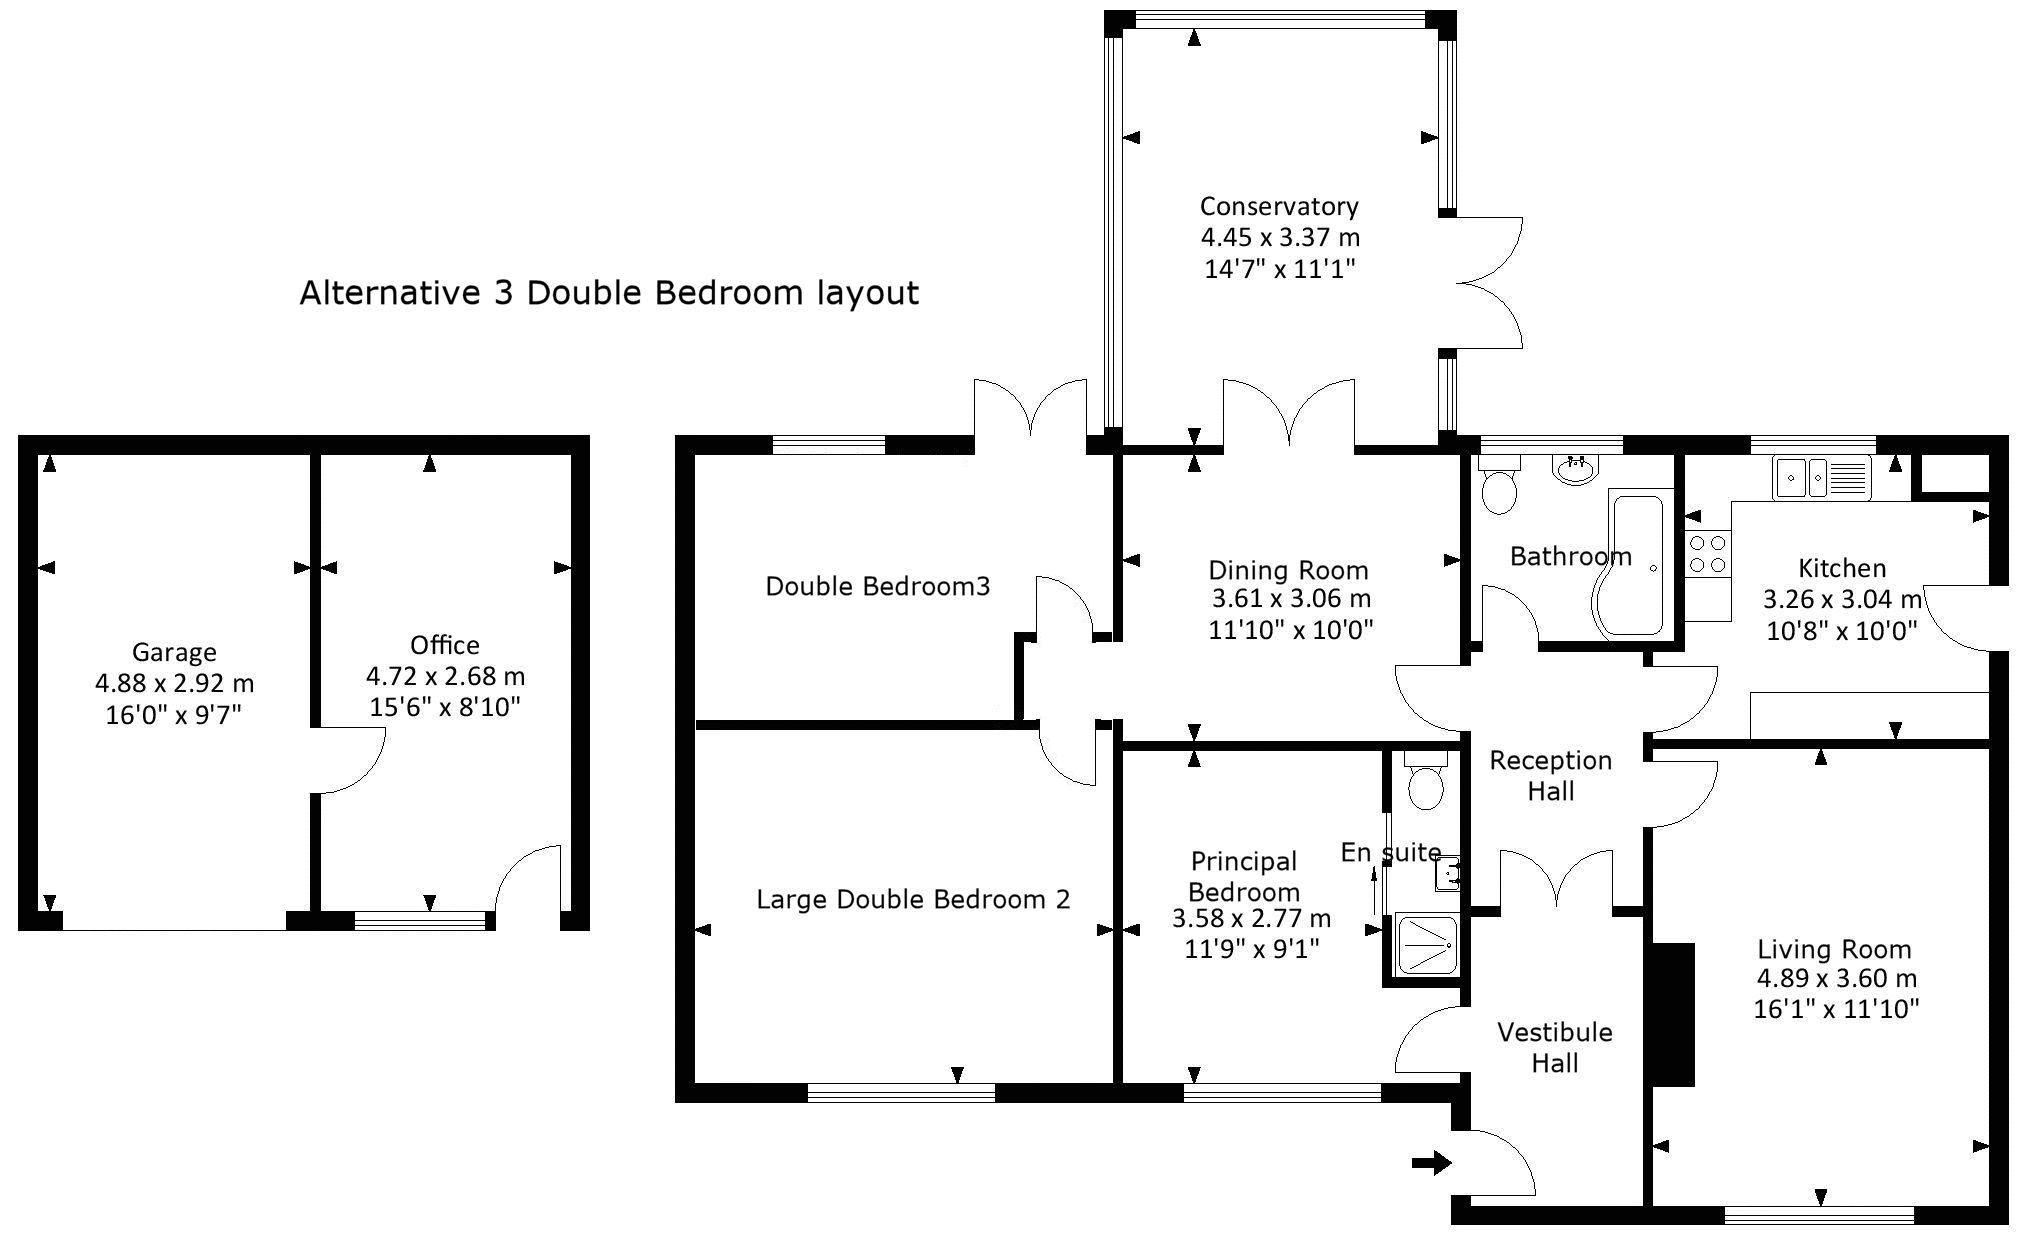 Optional layout